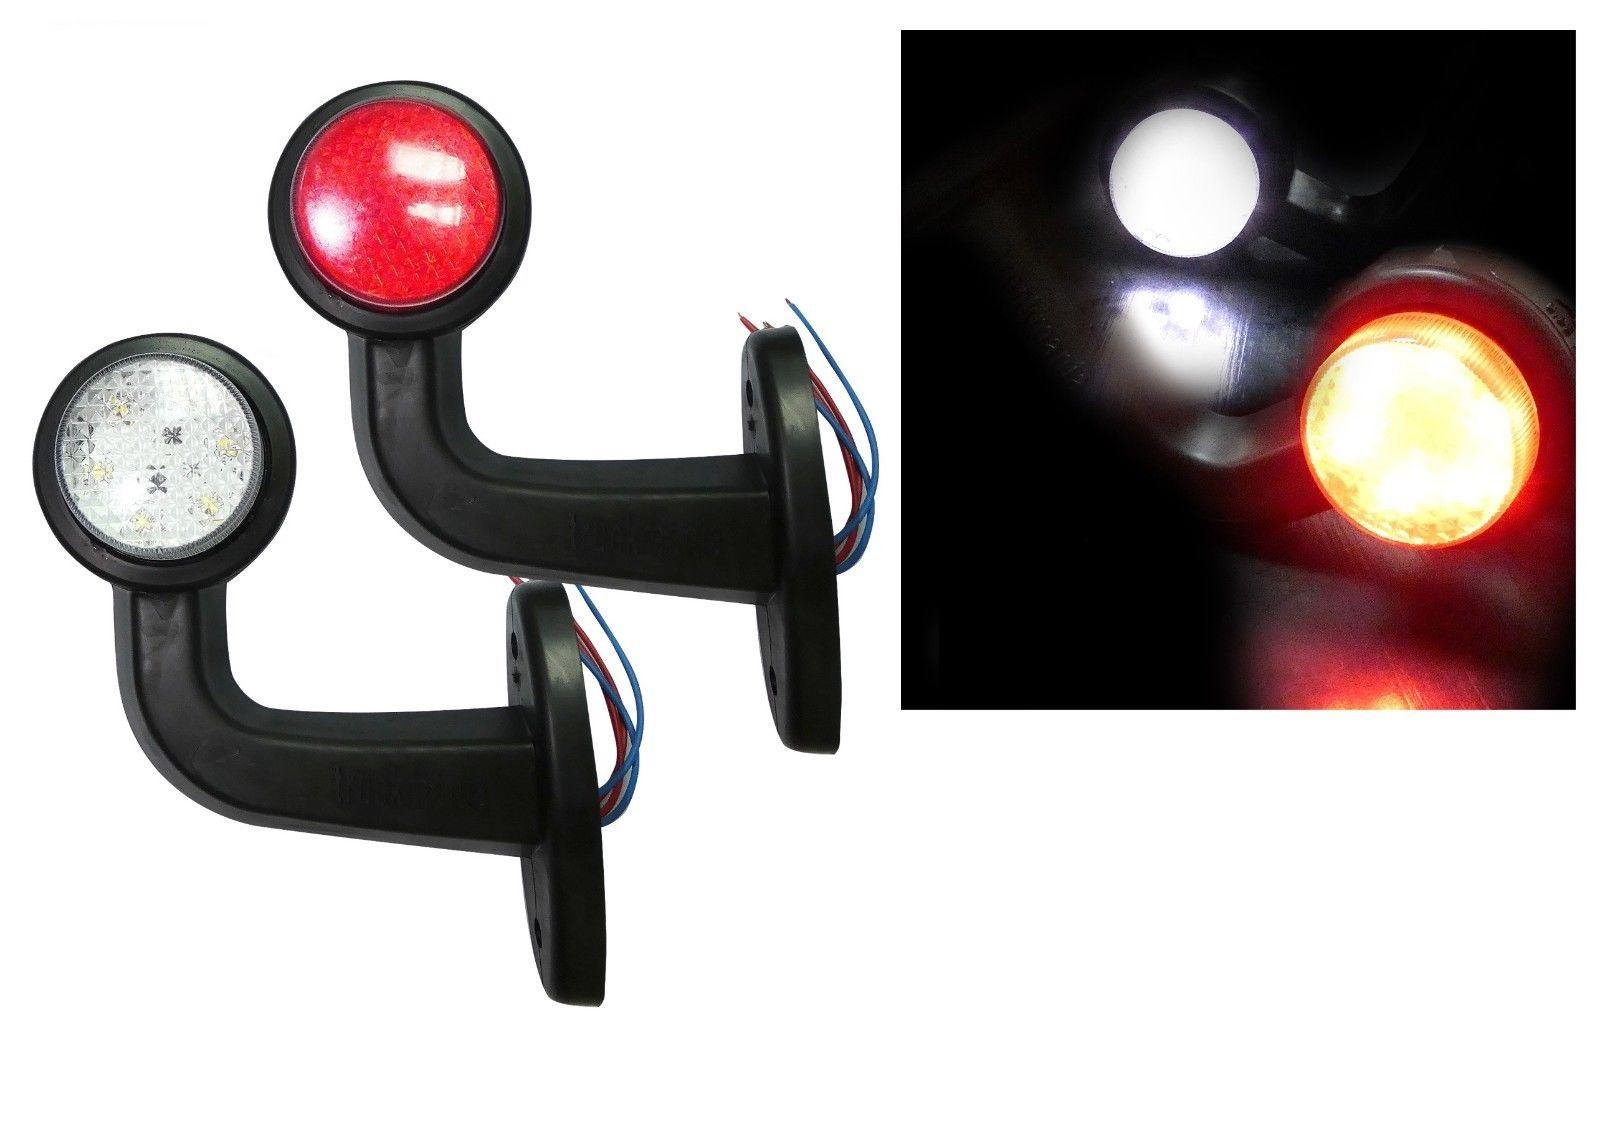 LED Όγκου Κερατάκια 12V IP66 Κόκκινό Λευκό Μικρά